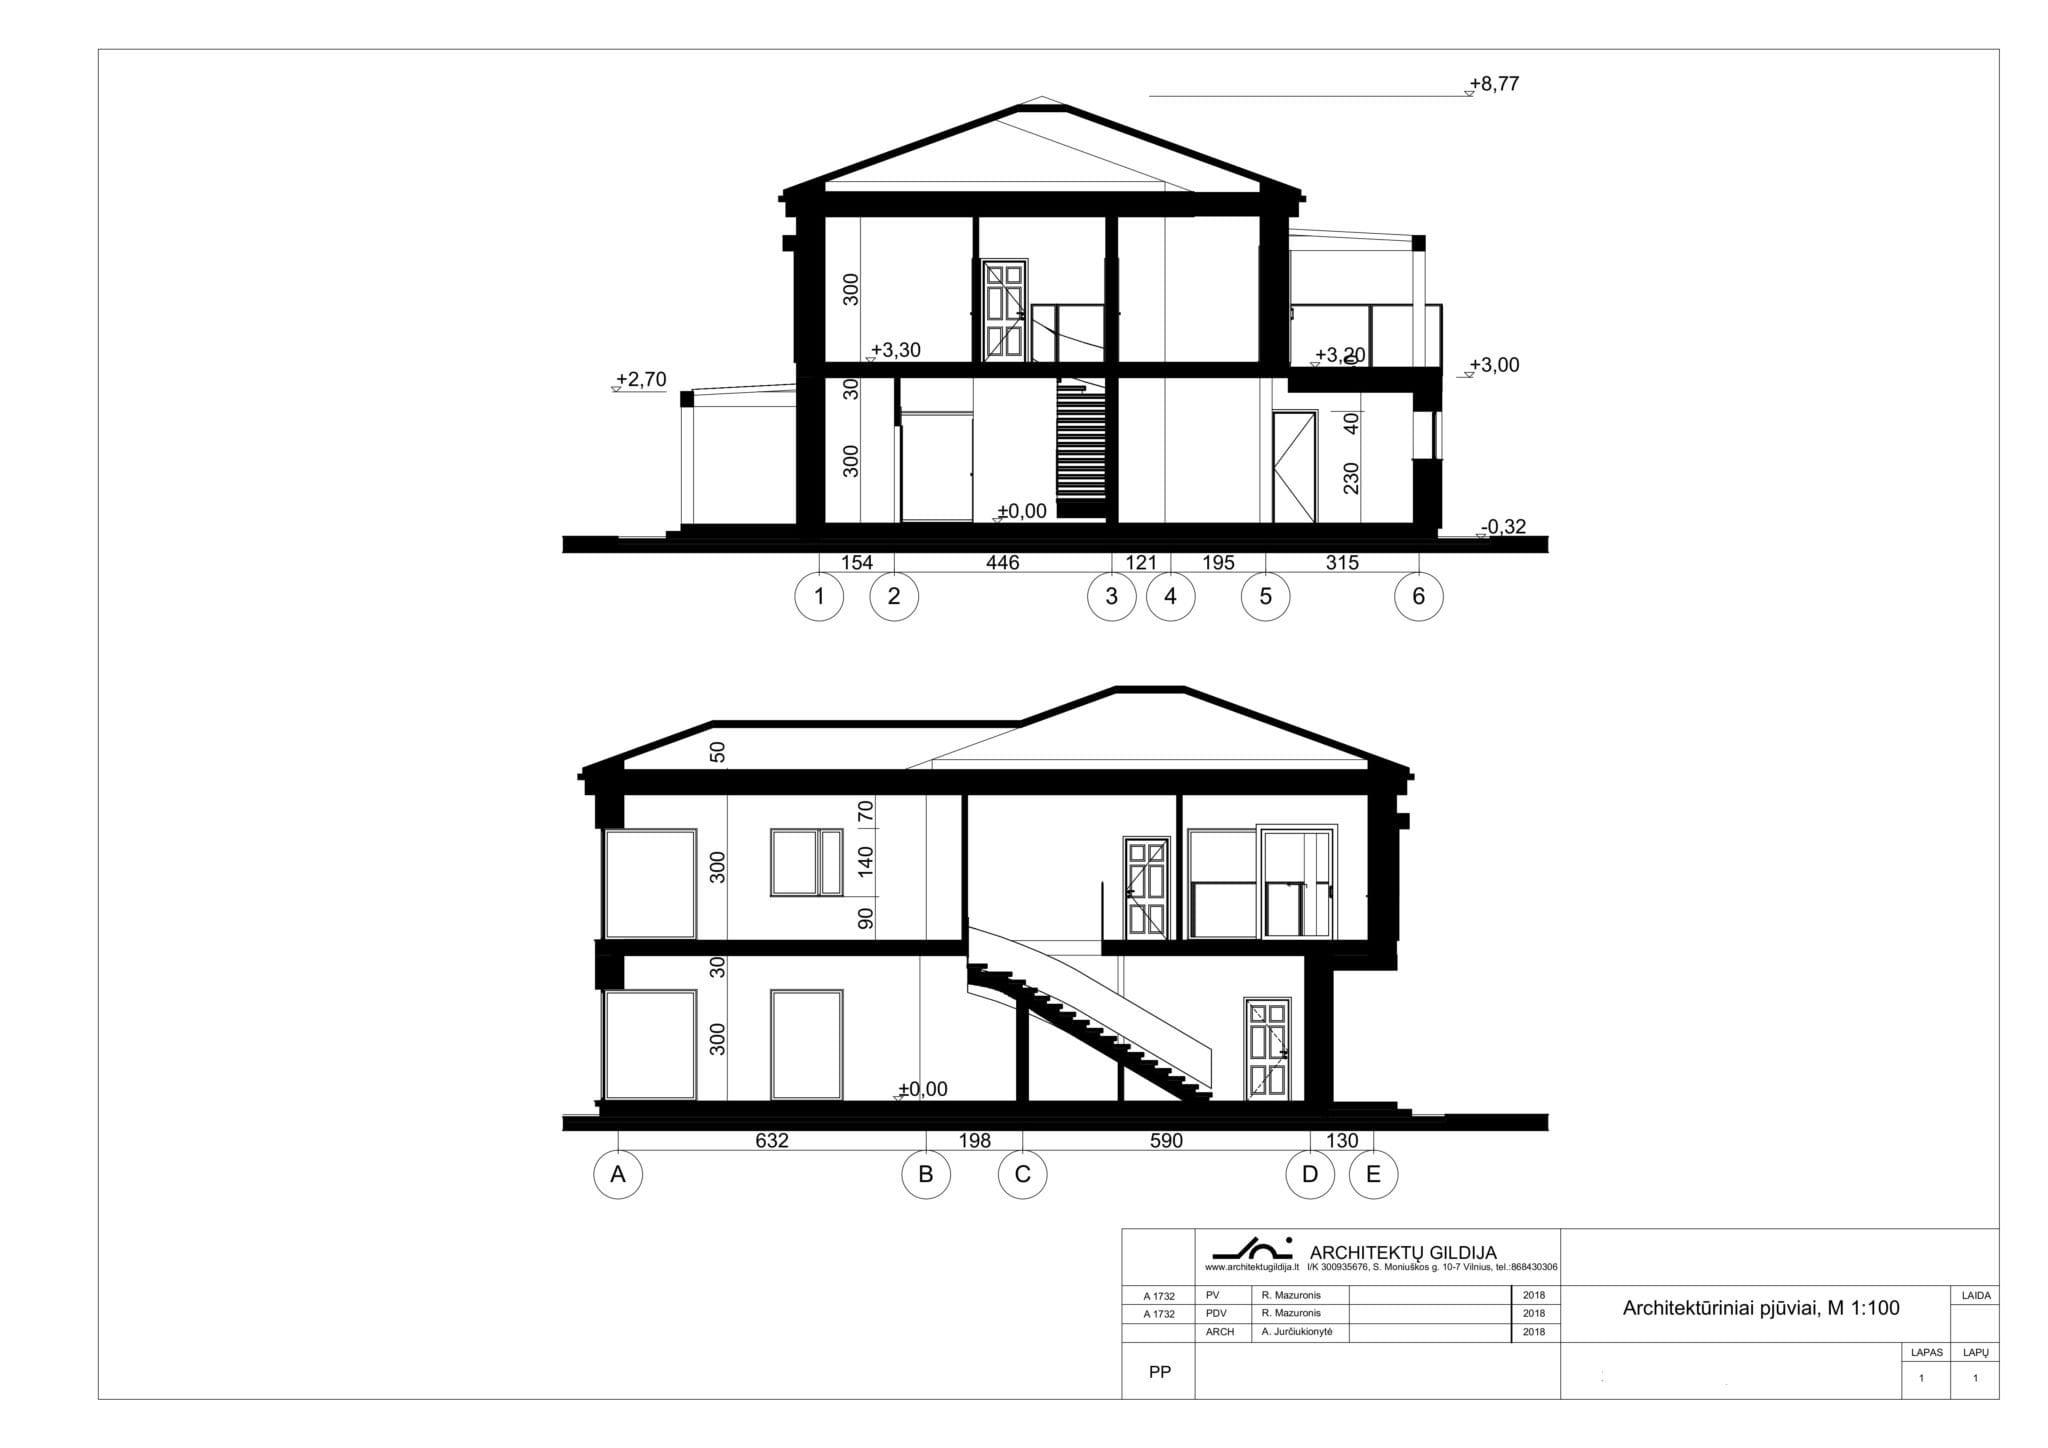 Vienbučio namo projektas